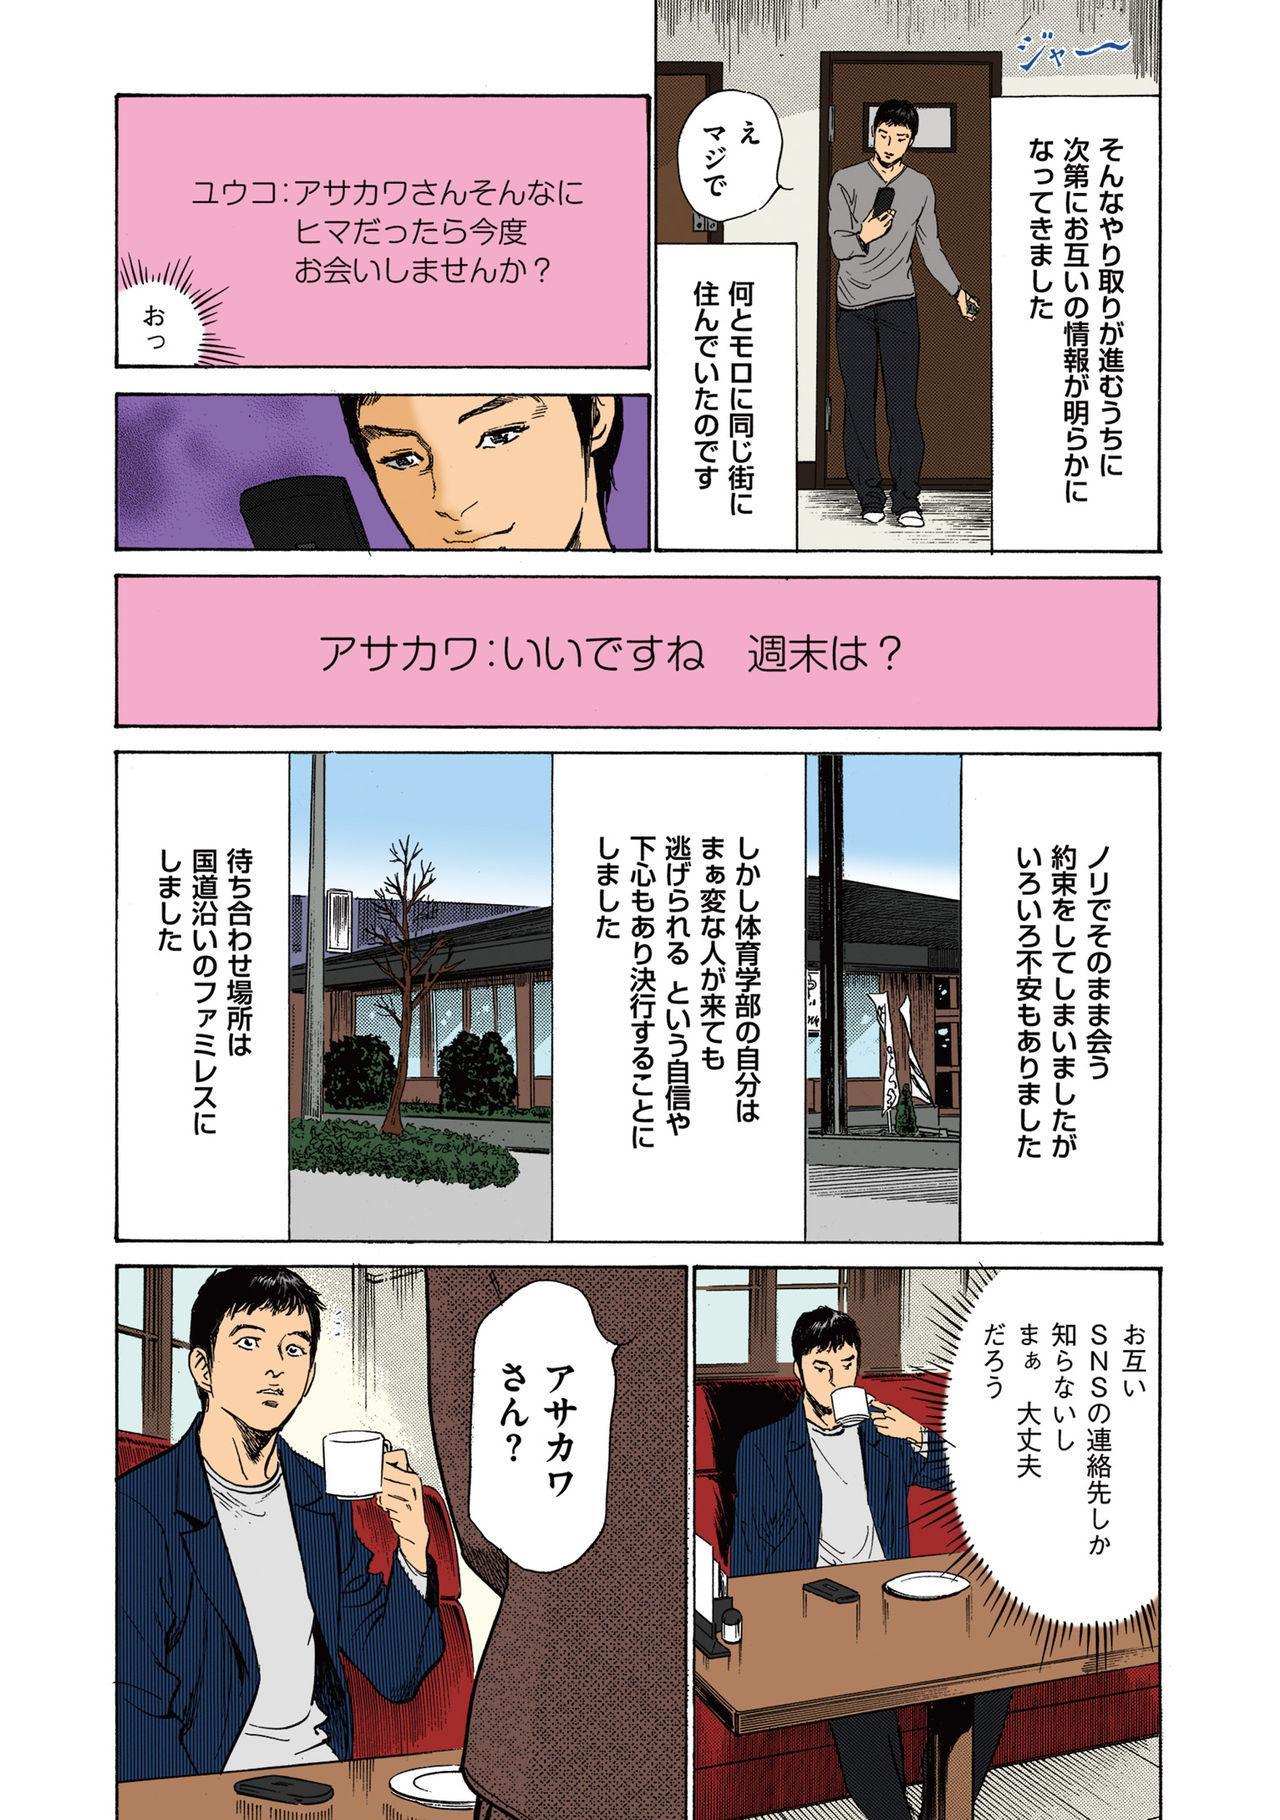 [Hazuki Kaoru] Hazuki Kaoru no Tamaranai Hanashi (Full Color Version) 2-1 7